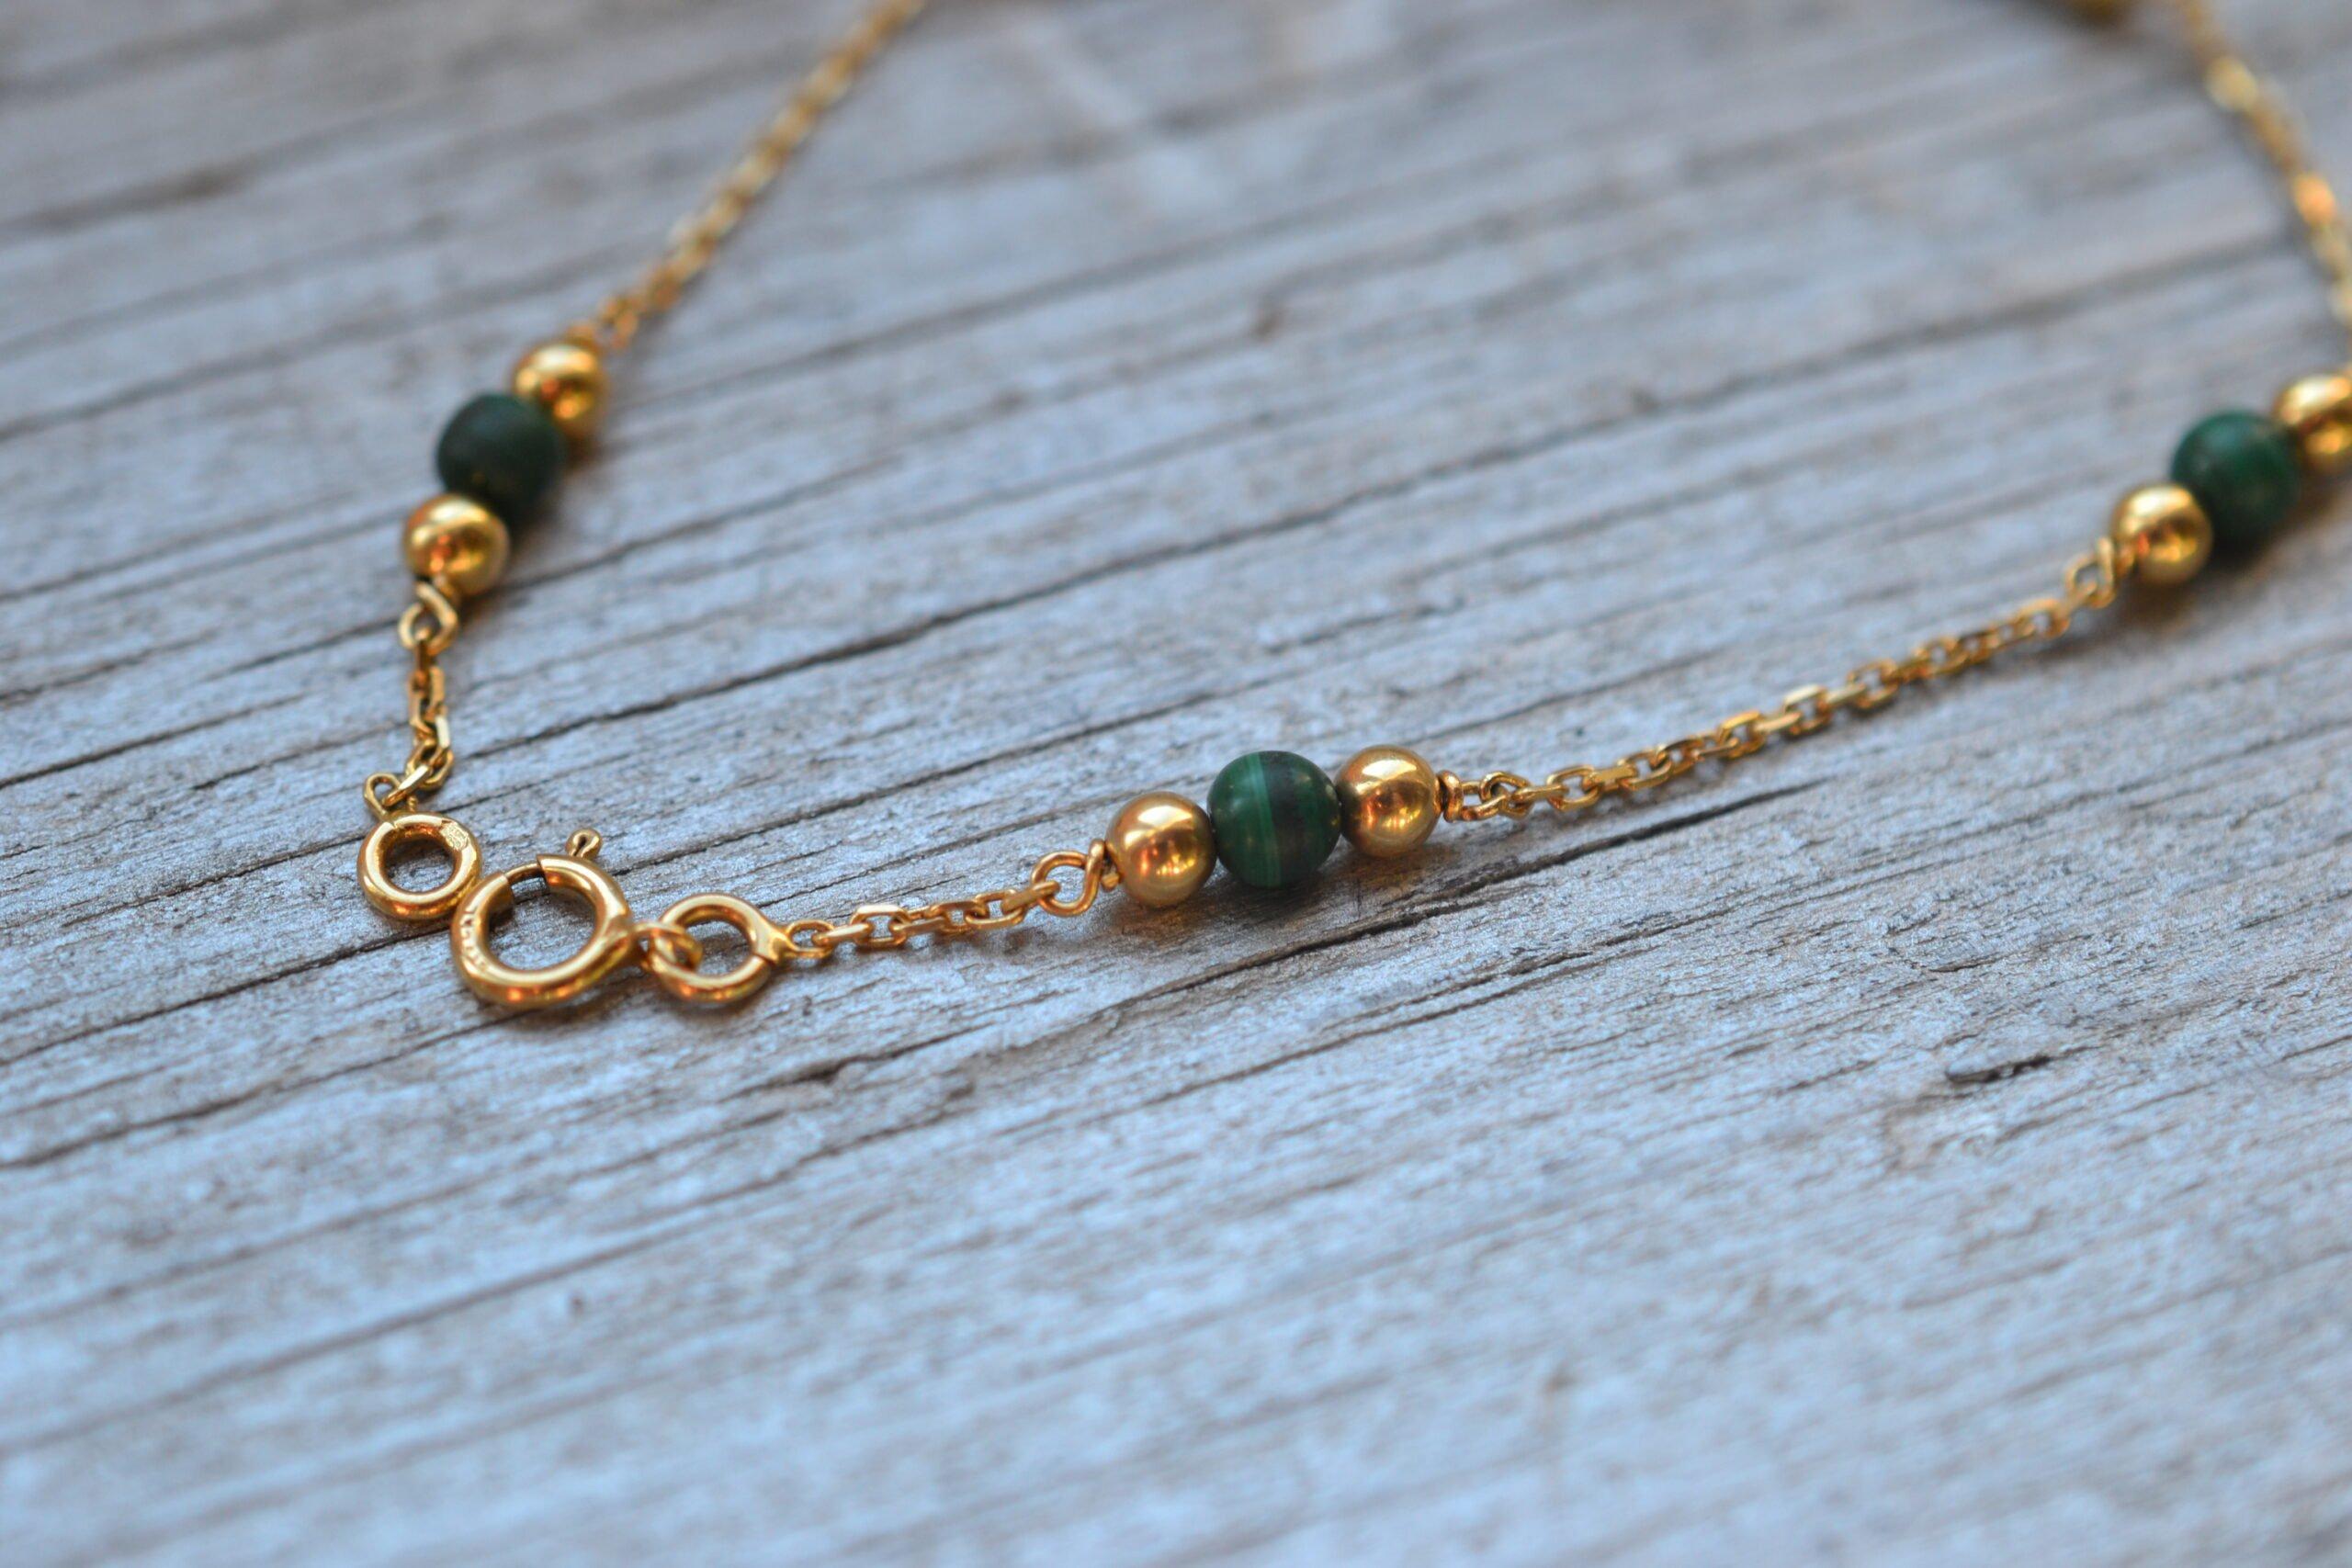 Bracelet Ancien En Or 18 Carats Avec Petites Billes Vertes , Monté Sur Une Chaine Fine- Un Bijou Noircarat.fr